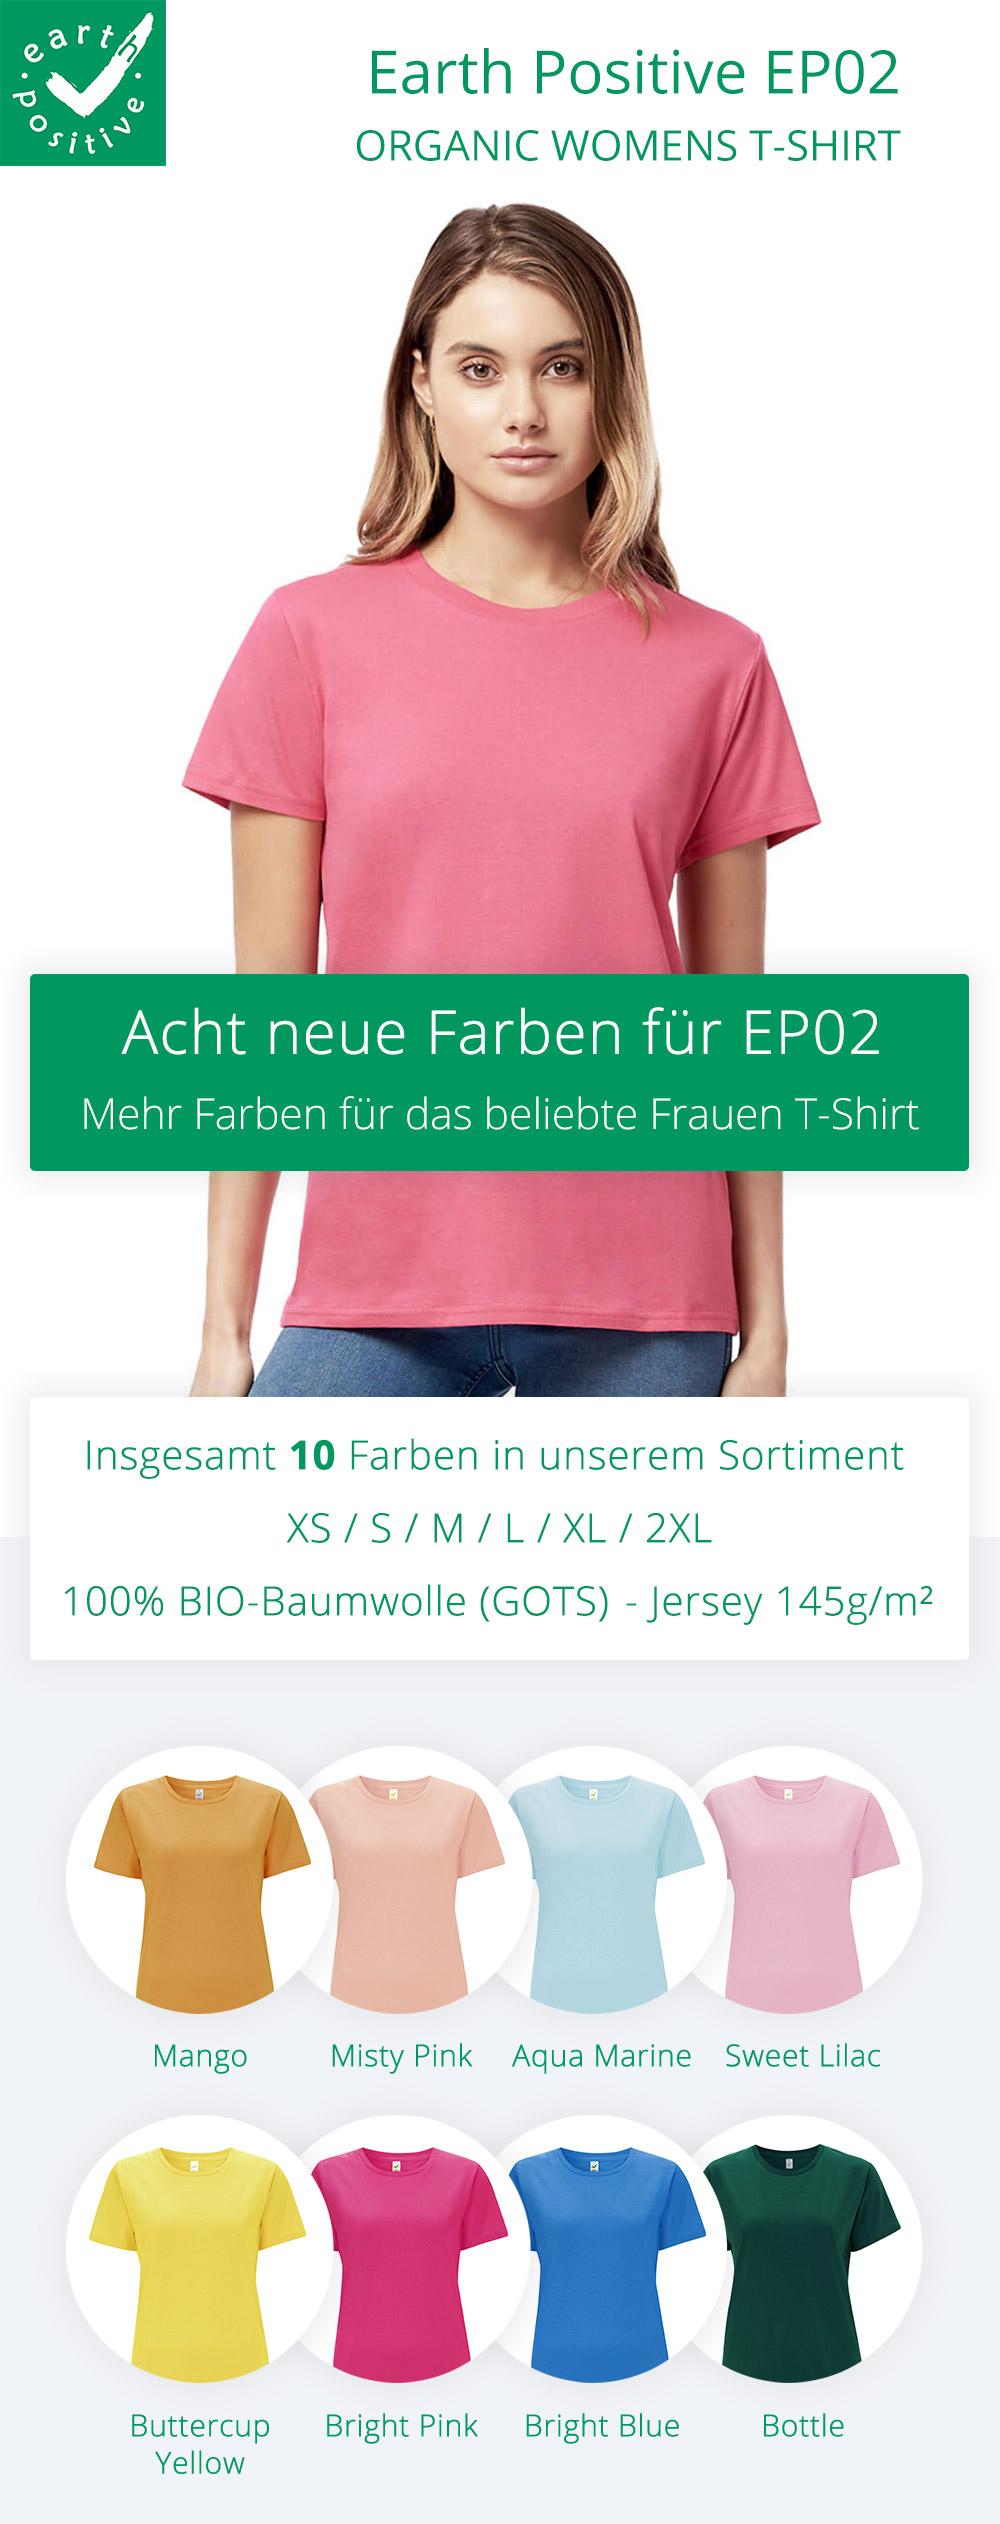 Acht neue Farben für das beliebte Frauen T-Shirt EP02